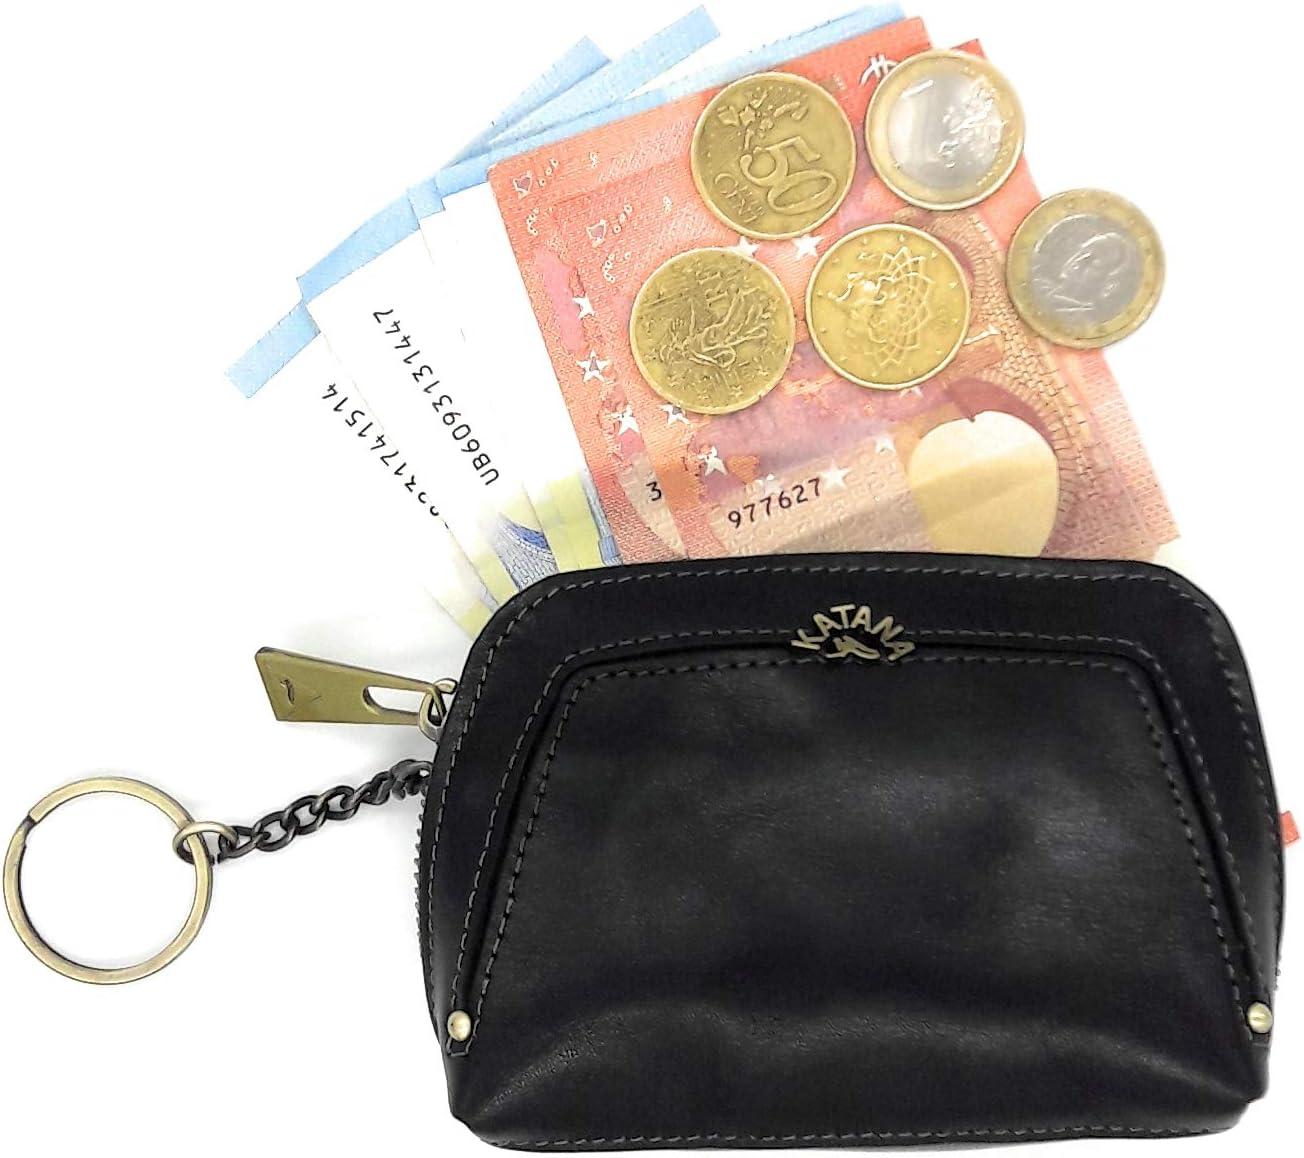 Porte Monnaie en Cuir Femme id/éal pour Offrir Cadeau Noel f/ête Mamans Noir Anniversaire